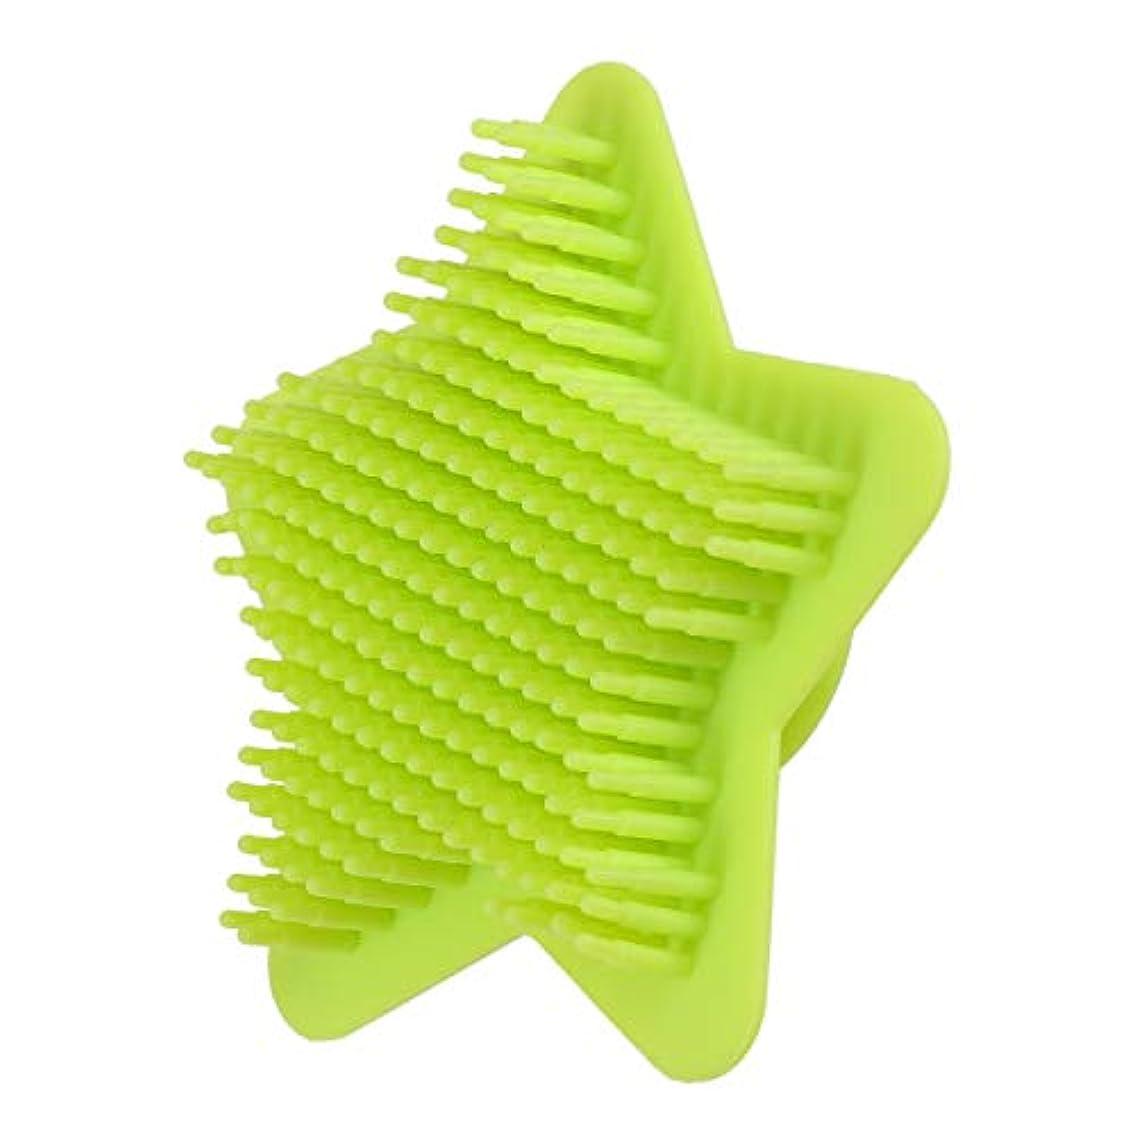 慢性的芸術的いっぱいHealifty シリコンボディスクラバーヘアシャンプーブラシスカルプソフトマッサージスクラバーブラシシャワーバスブラシ(グリーン)